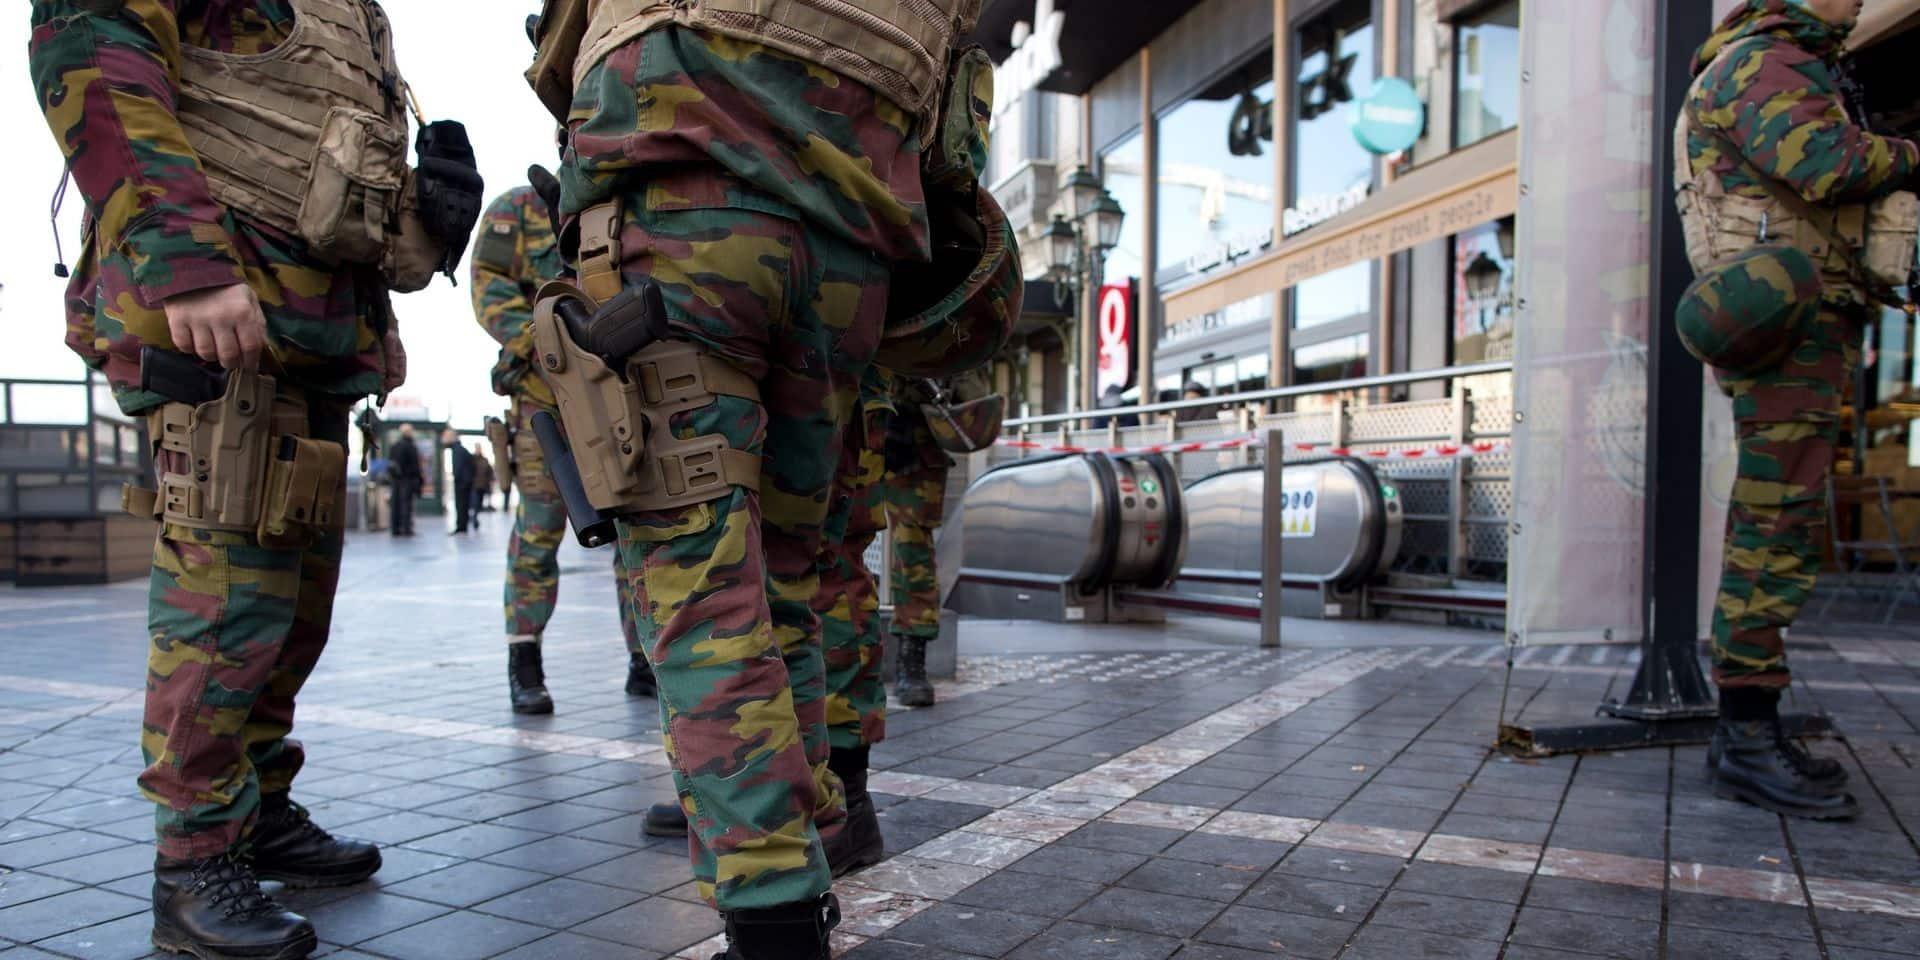 Quatorze militaires en opération ont été contaminés: le combat de l'armée belge contre le coronavirus